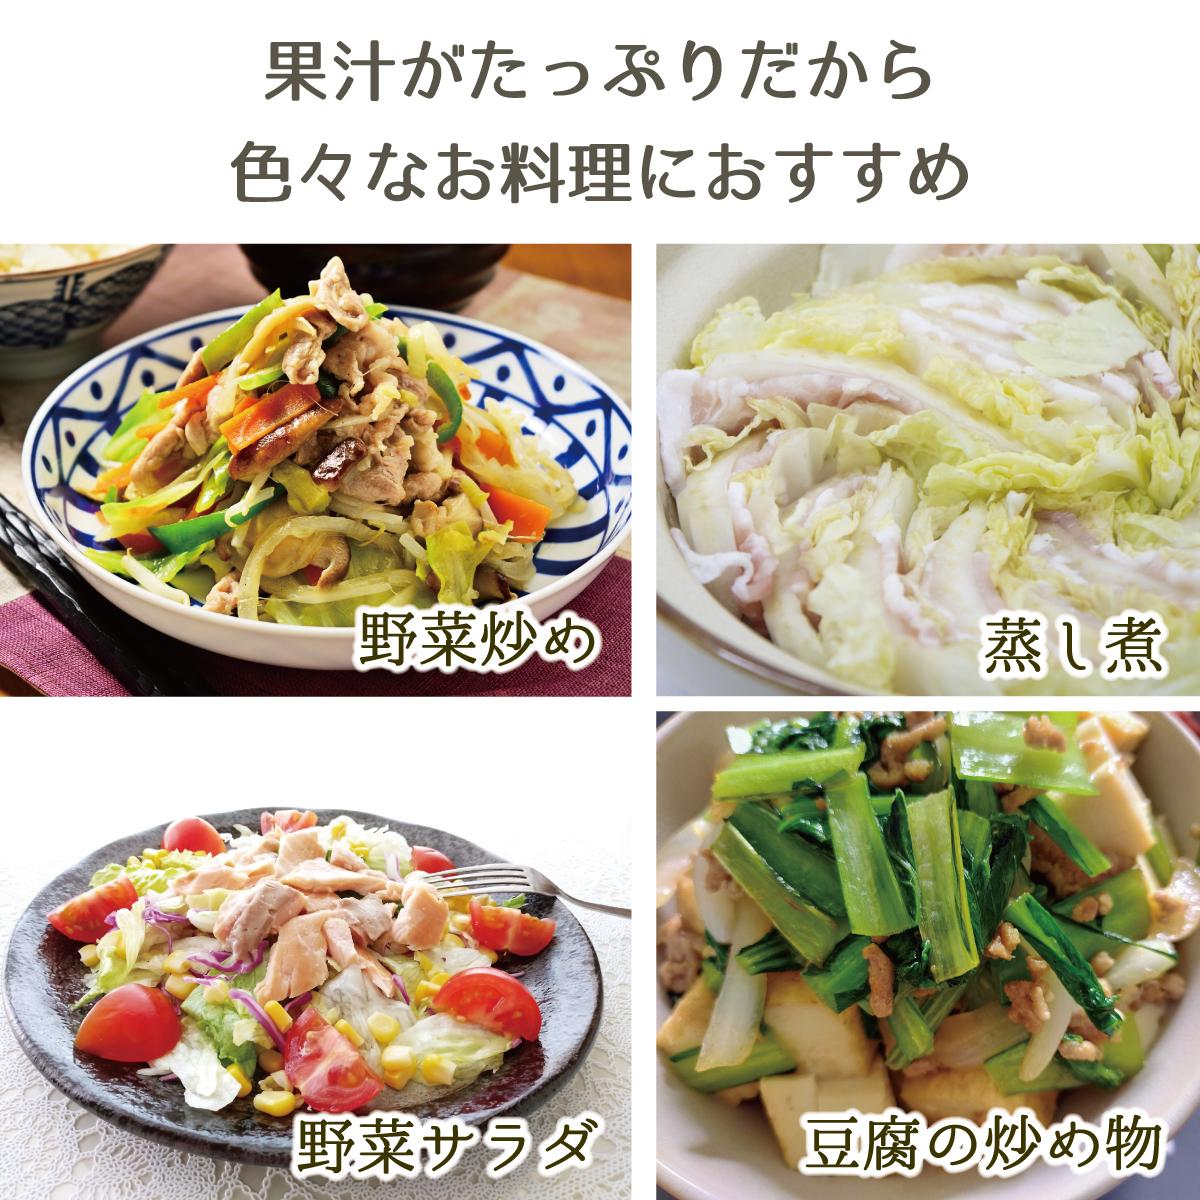 野菜炒め・蒸し煮・野菜サラダ・豆腐の炒め物